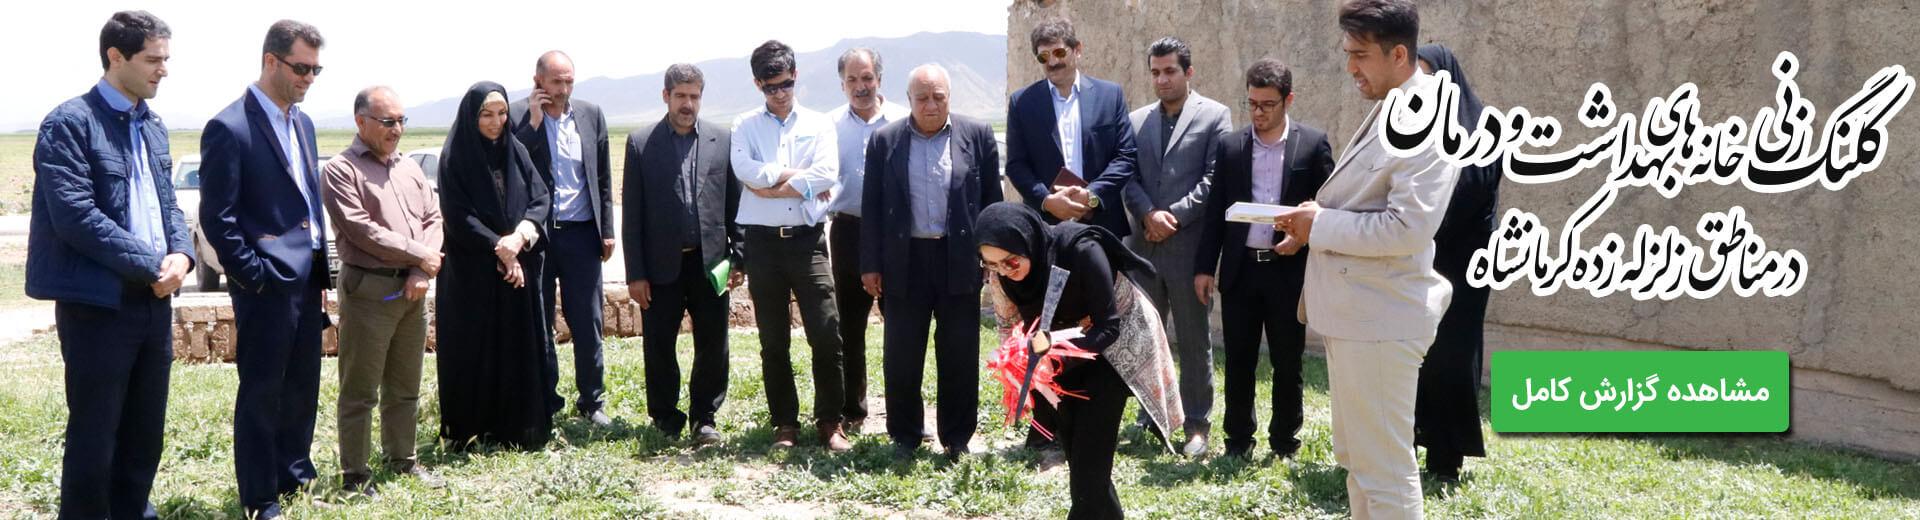 ساخت خانه های بهداشت و درمان در منطقه زلزله زده کرمانشاه توسط موسسه خیریه نیکوکاران شریف